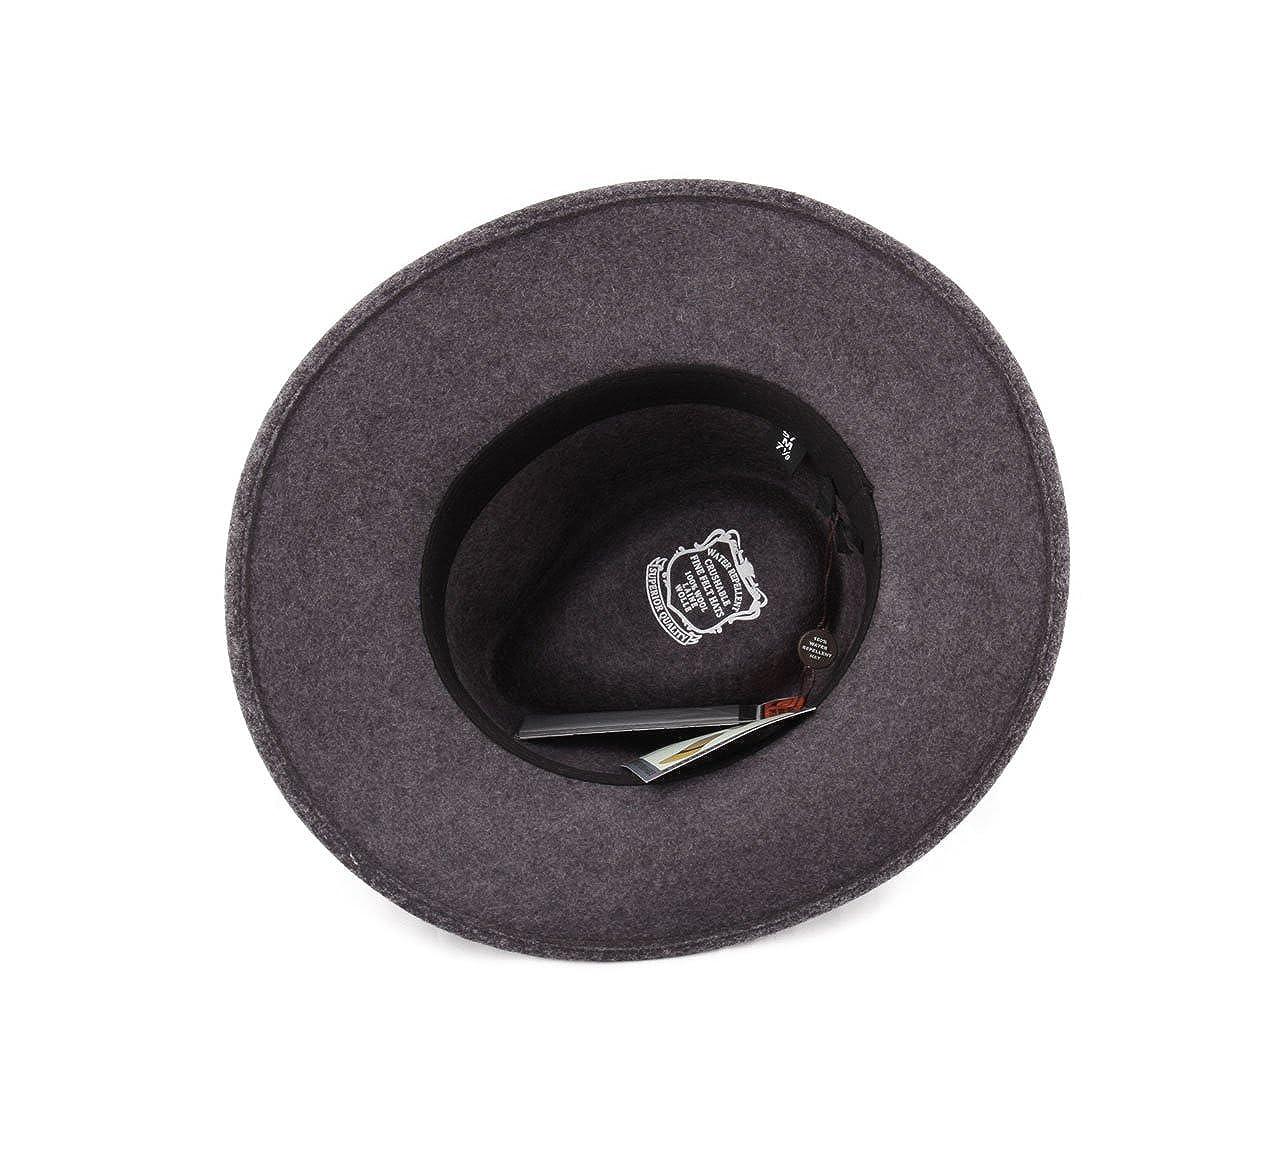 Classic Italy - Sombrero fedora plegable ala ancha hombre Classique Large   Amazon.es  Ropa y accesorios 3bc07a819103